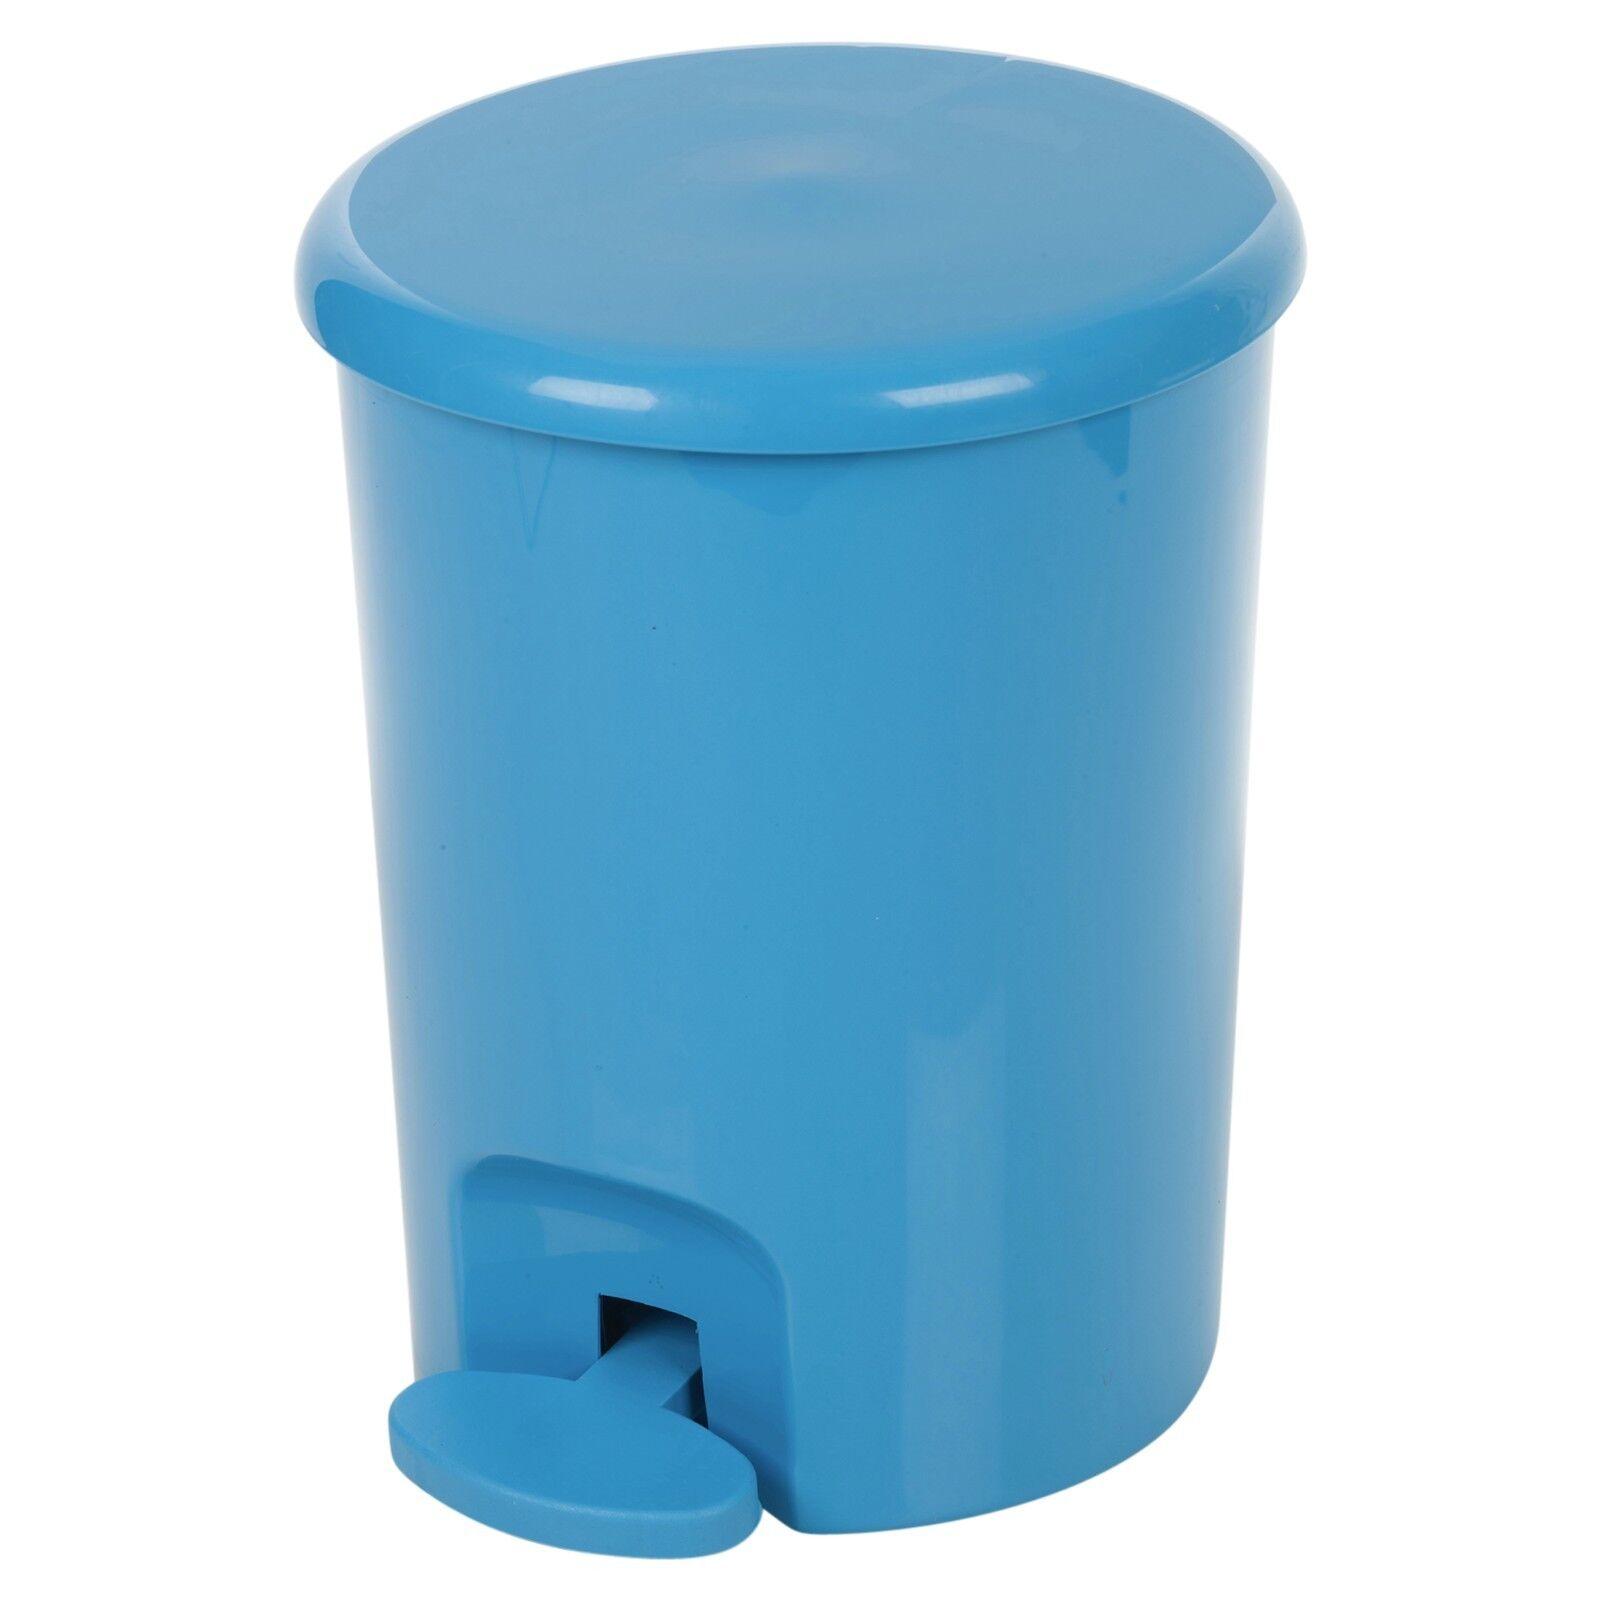 PLASTIC 5 LITRE Pedal Operated Waste Dustbin Rubbish Bin Bathroom ...